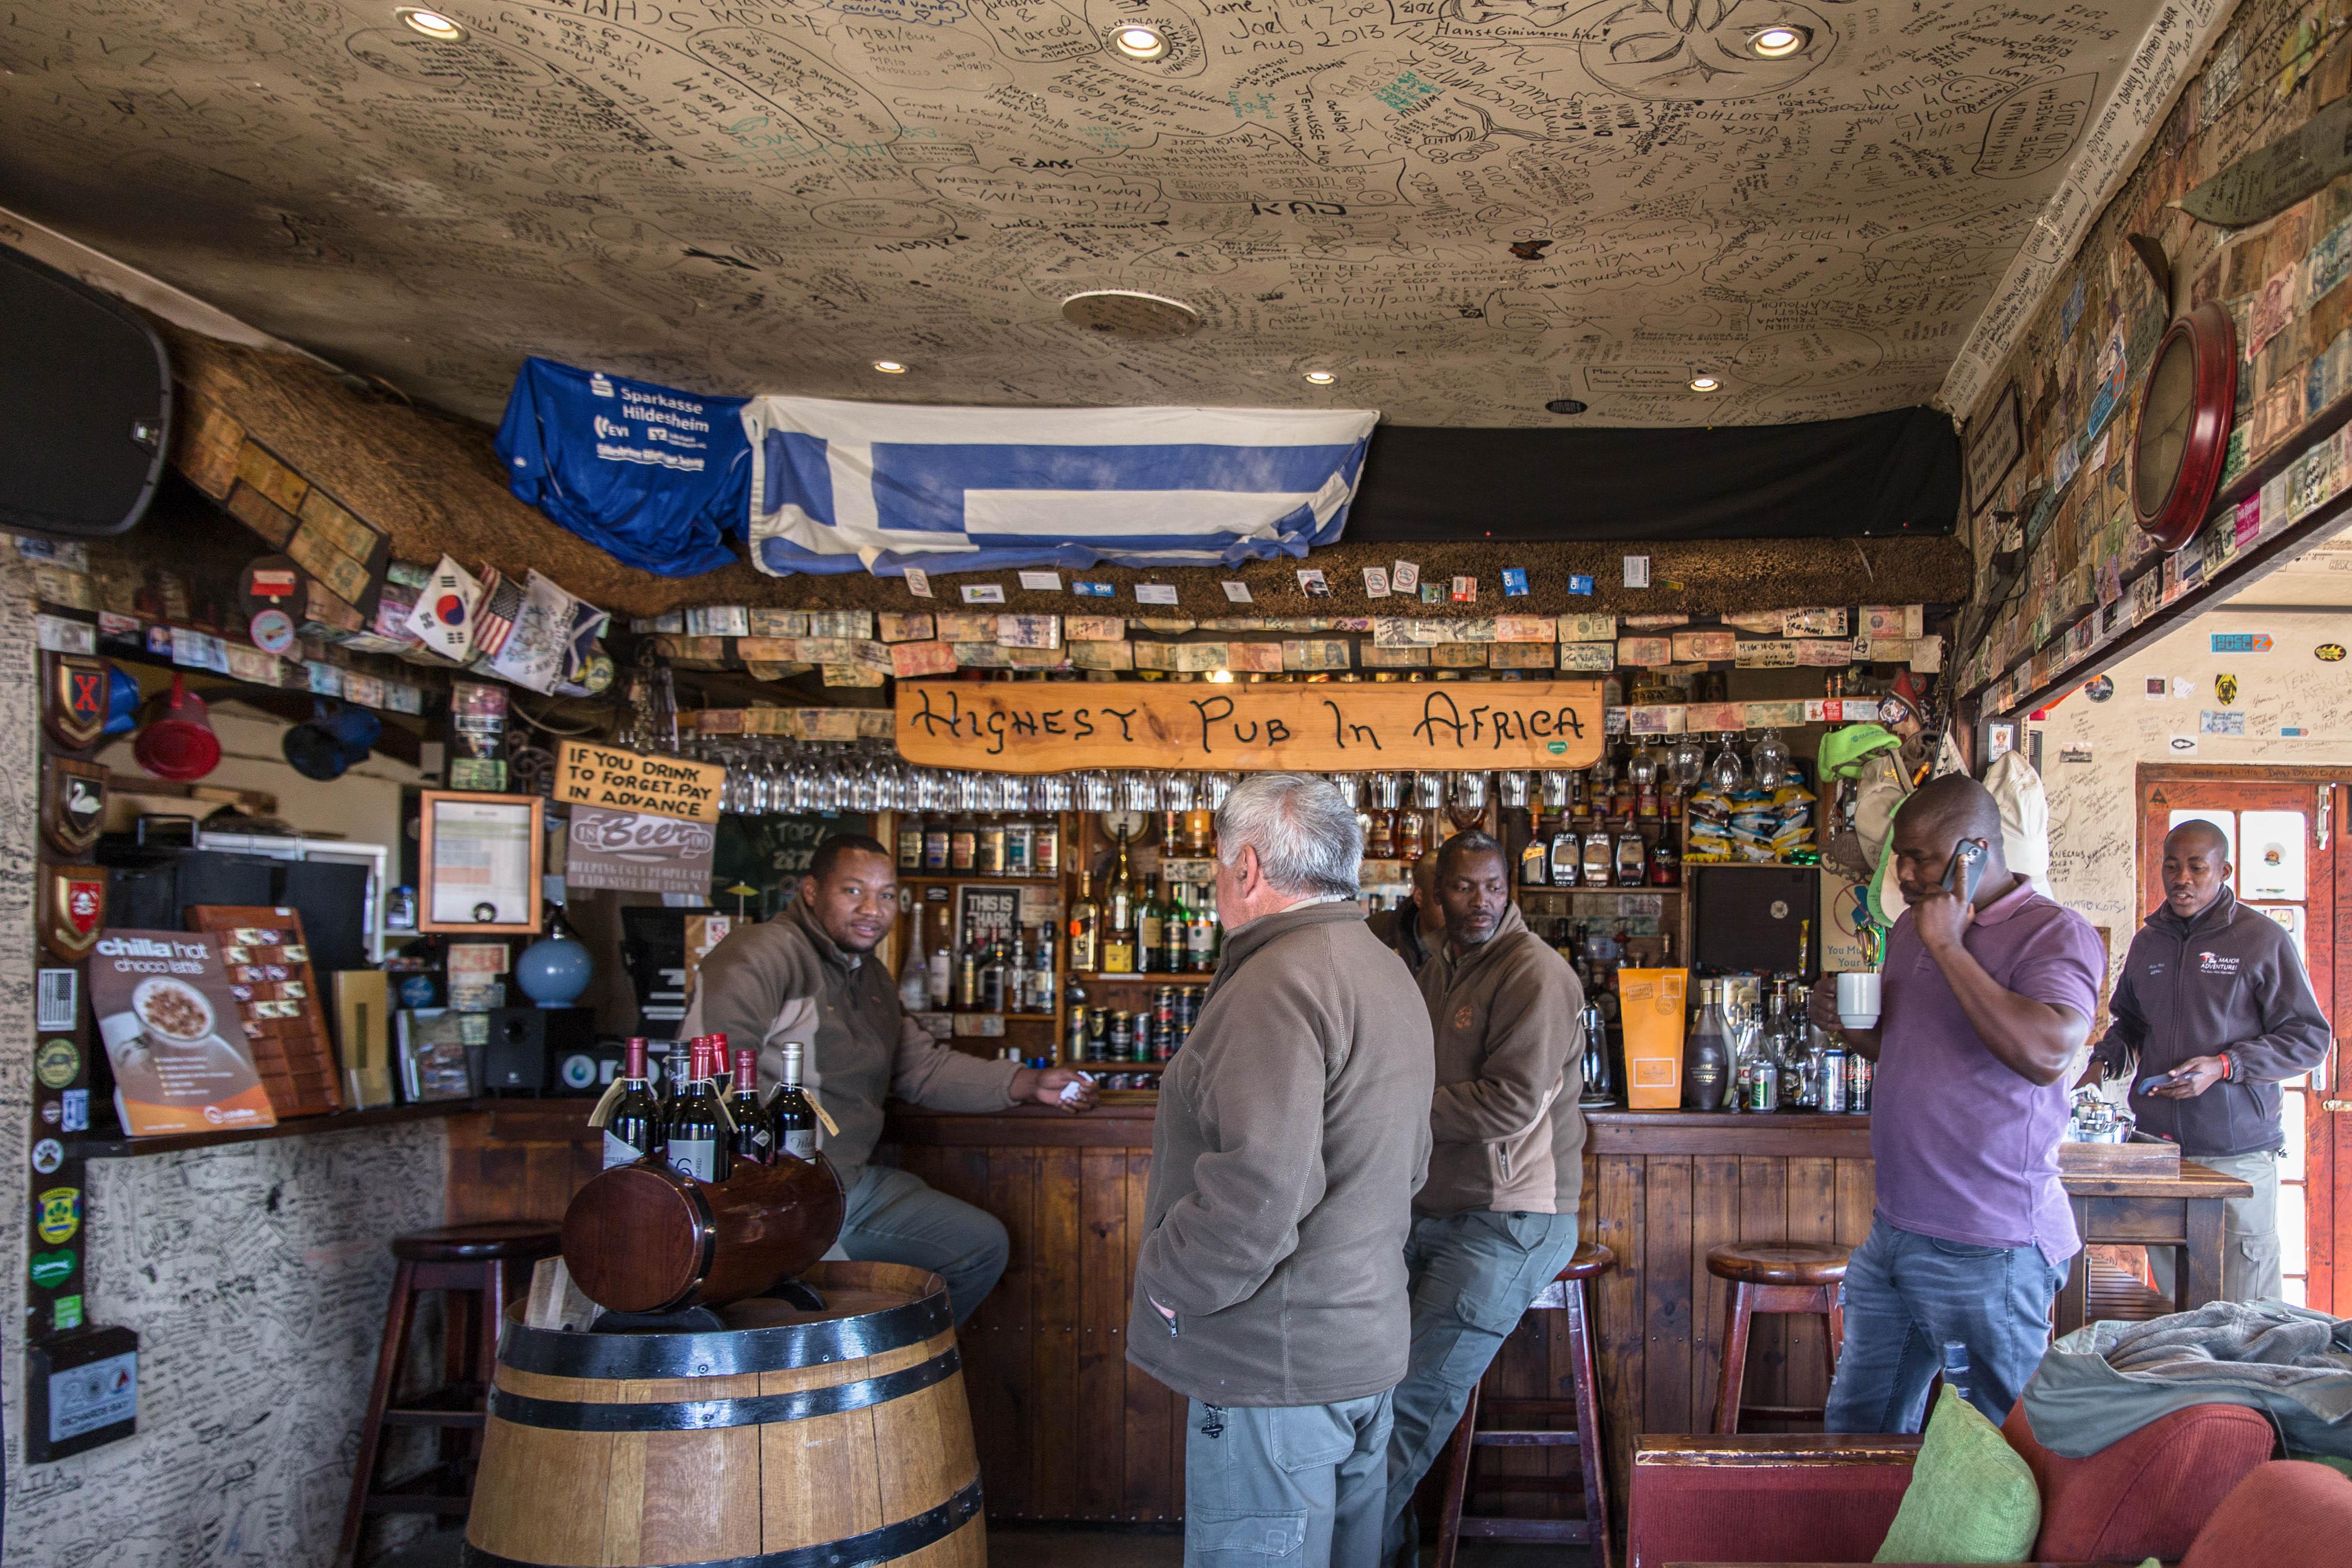 The highest Pub